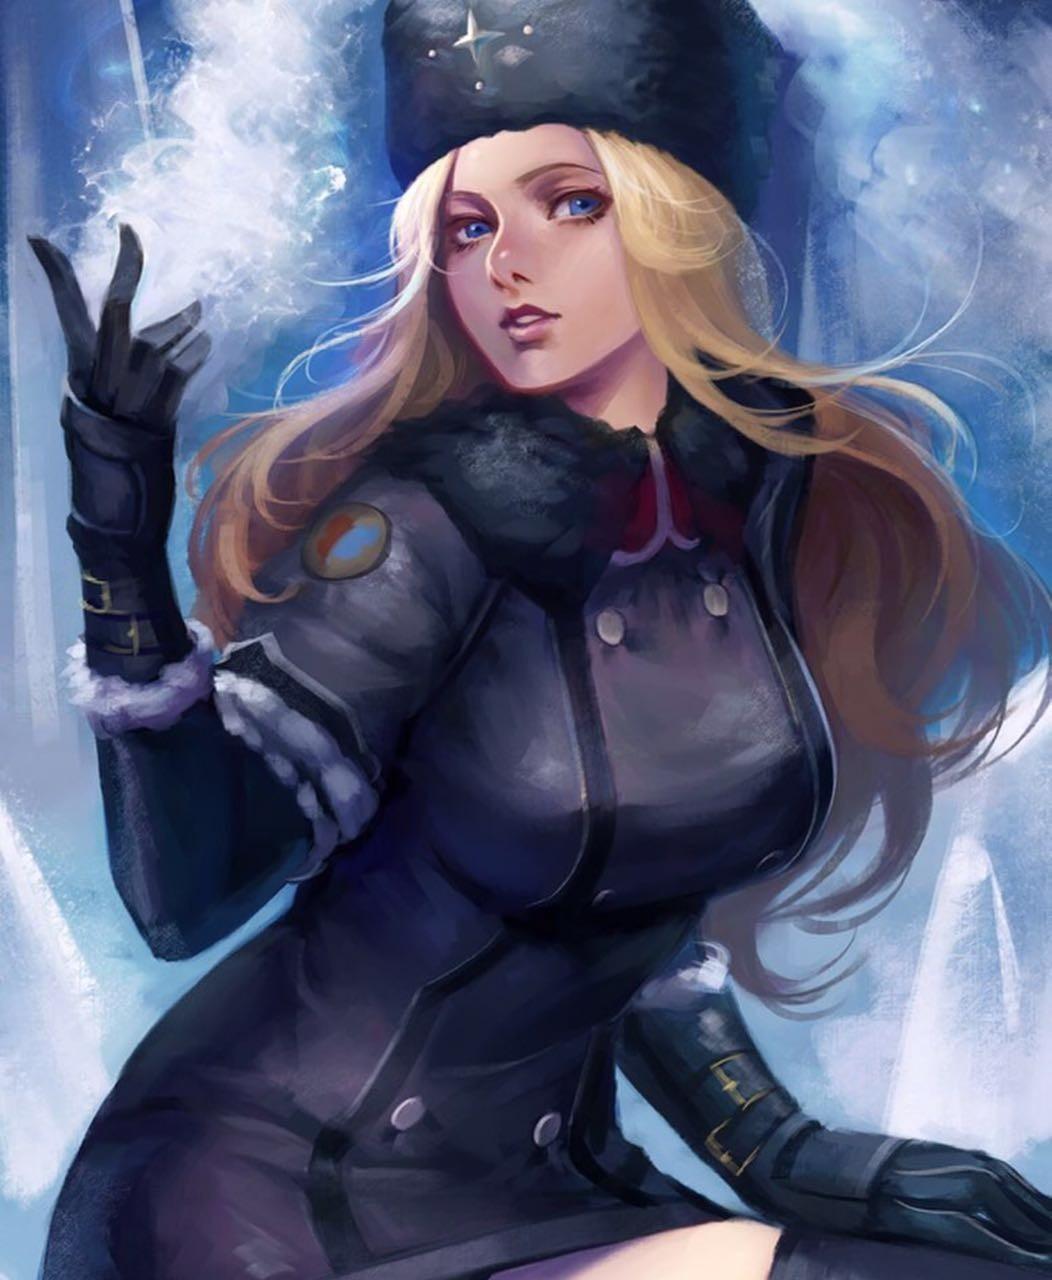 俄罗斯冰雪过膝袜美女展现惊人格斗技 - 《街霸5》最新dlc角色科琳